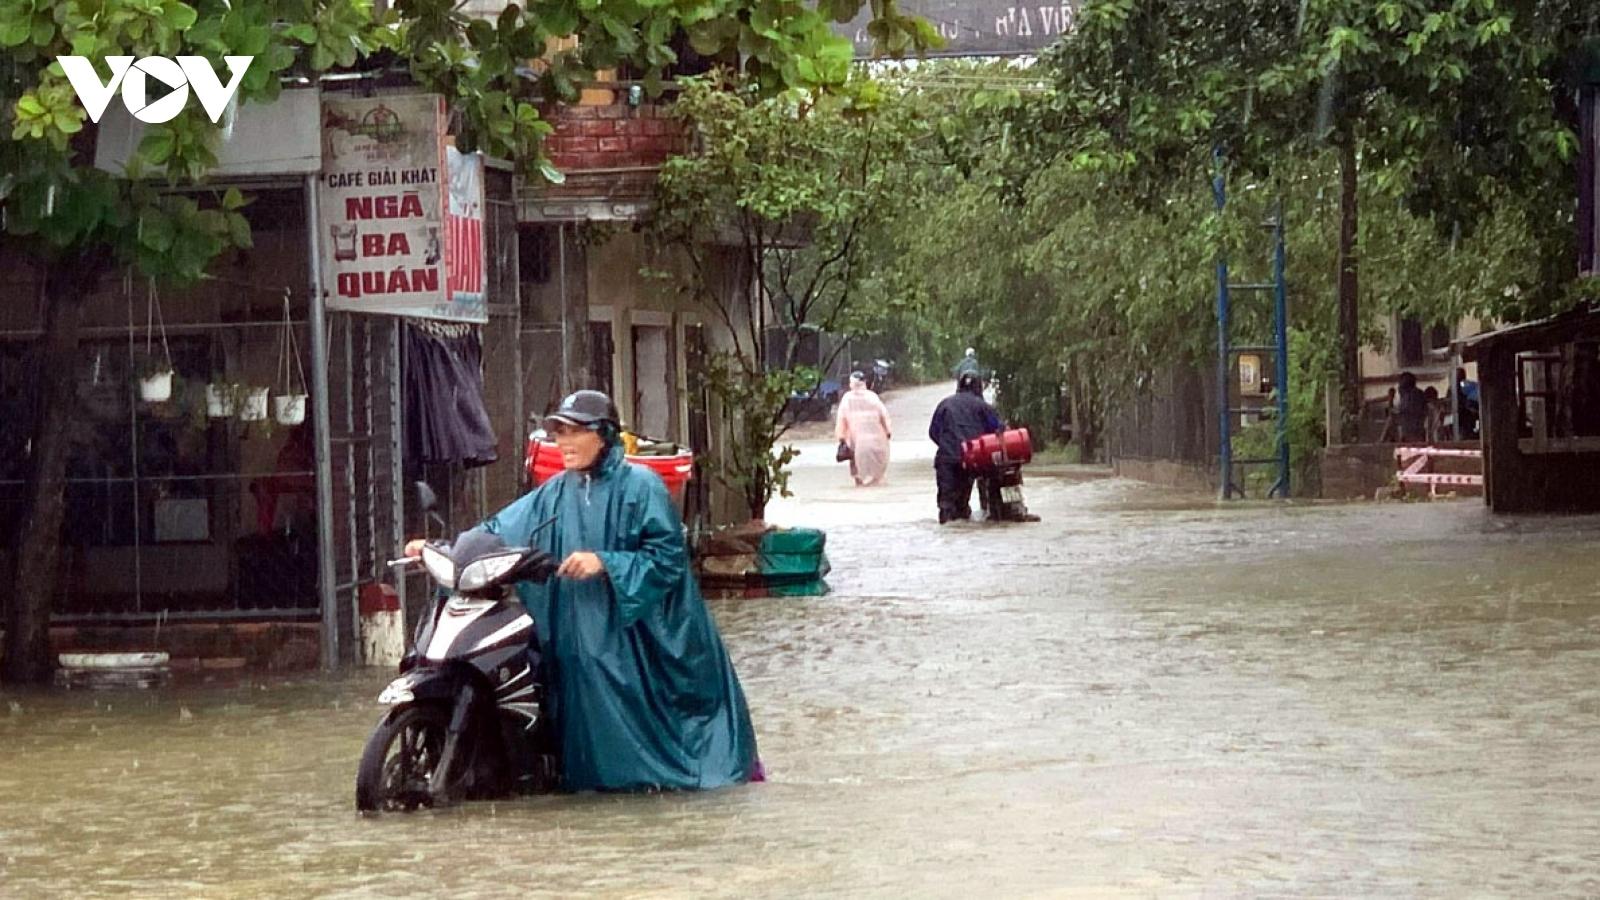 Dự báo thời tiết hôm nay: Các tỉnh miền Trung có mưa to đến rất to